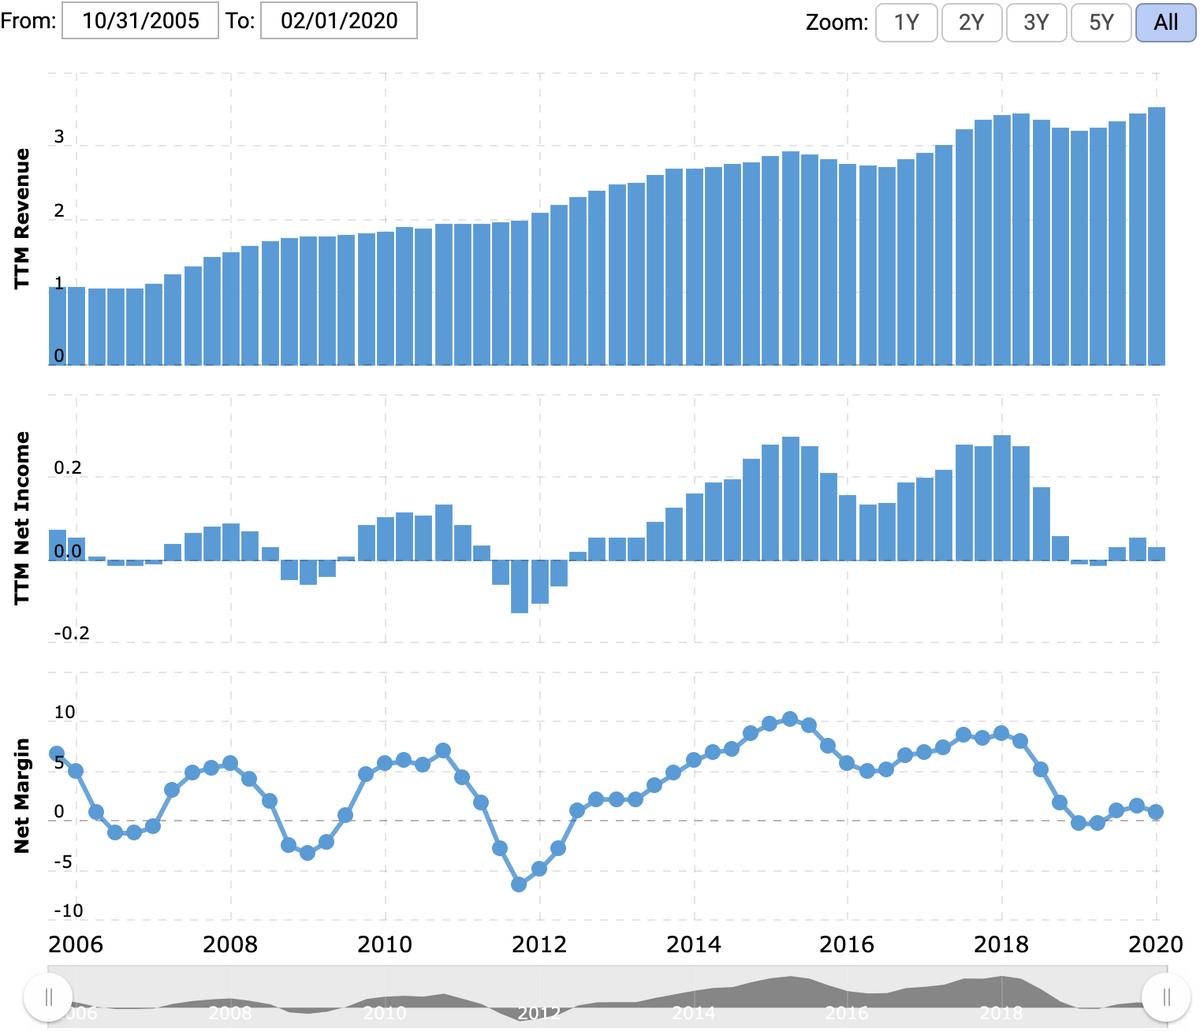 Выручка и прибыль или убыток за последние 12месяцев в миллиардах долларов, итоговая маржа в процентах от выручки. Источник: Macrotrends